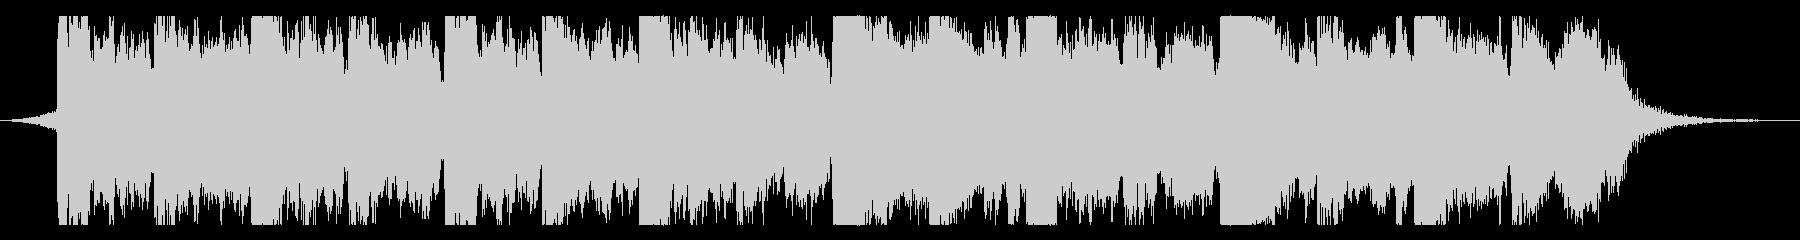 ハリウッド映画予告風シネマティック15cの未再生の波形